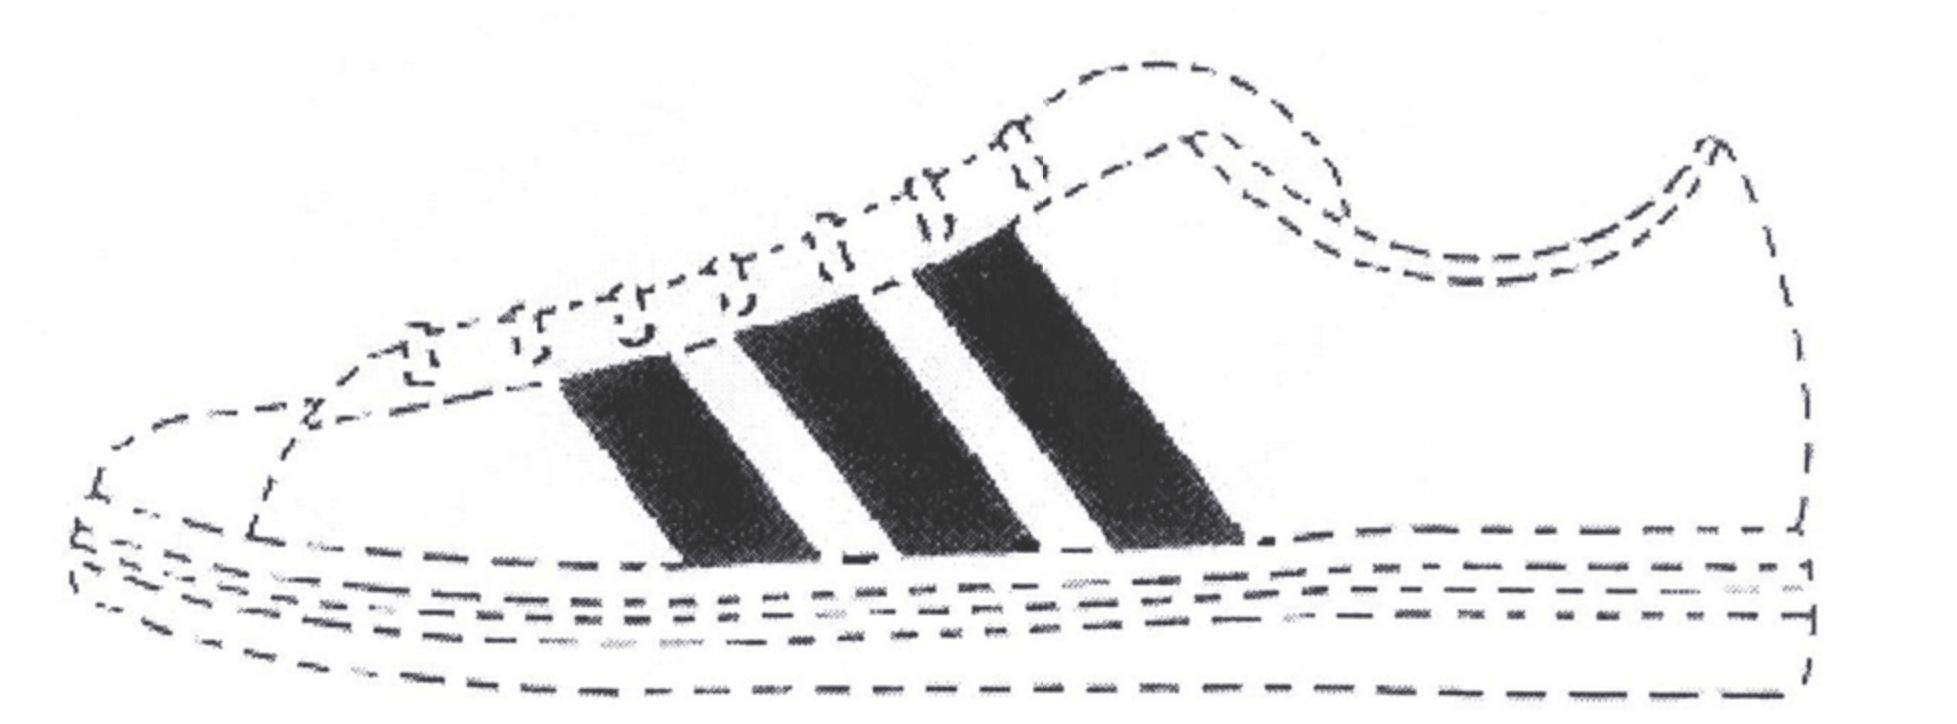 Buty Adidas - pozycyjne znaki towarowe (niekonwencjonalne znaki towarowe)...